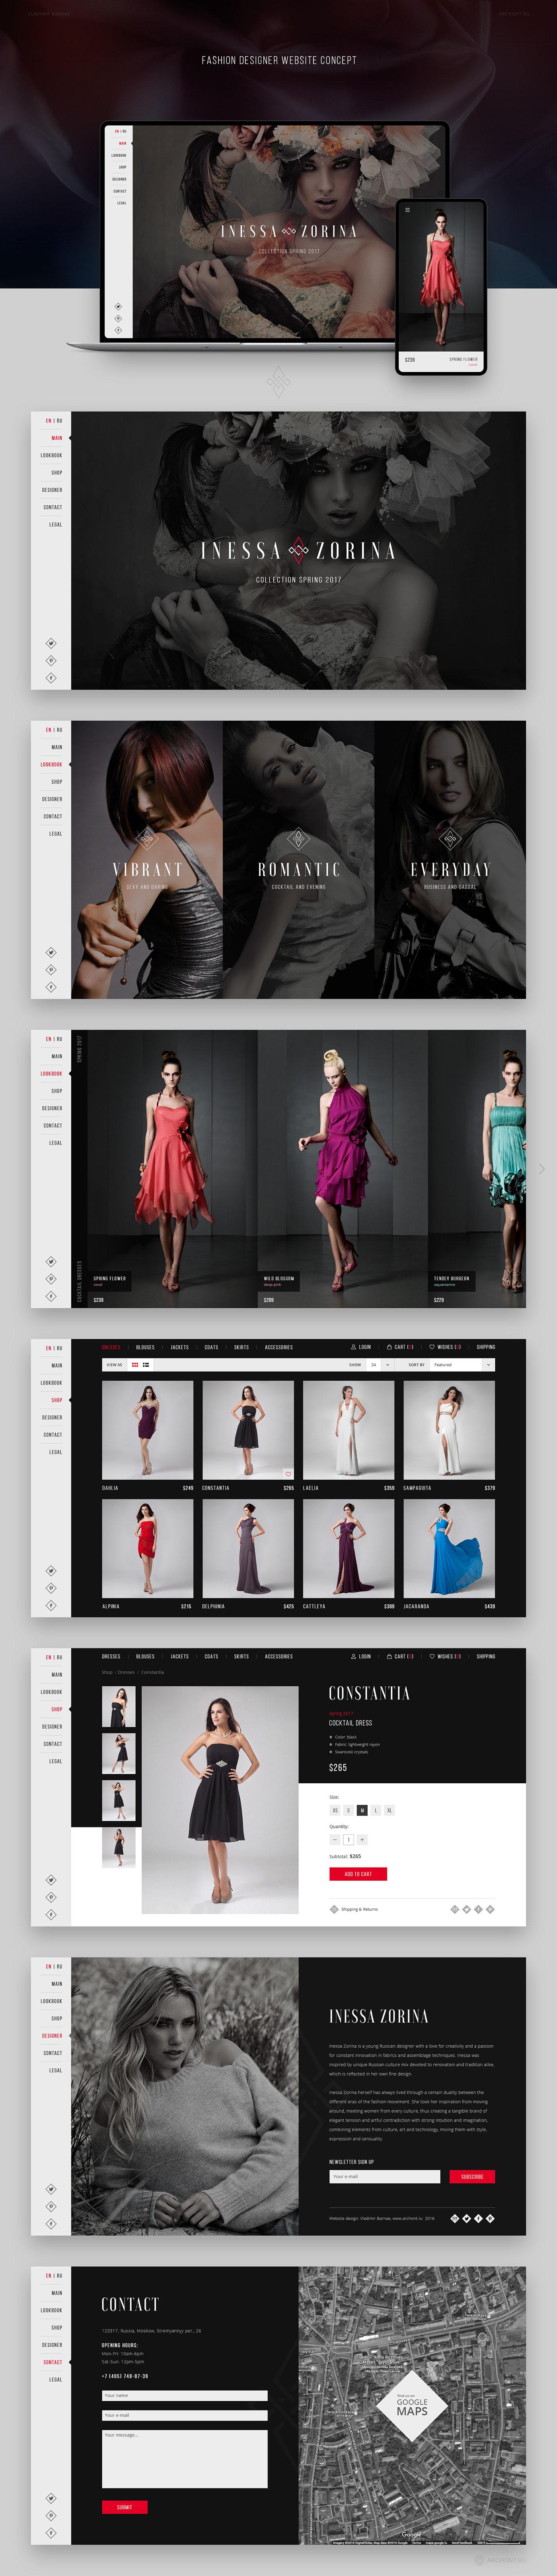 Inessa Zorina Fashion Designer Website On Behance